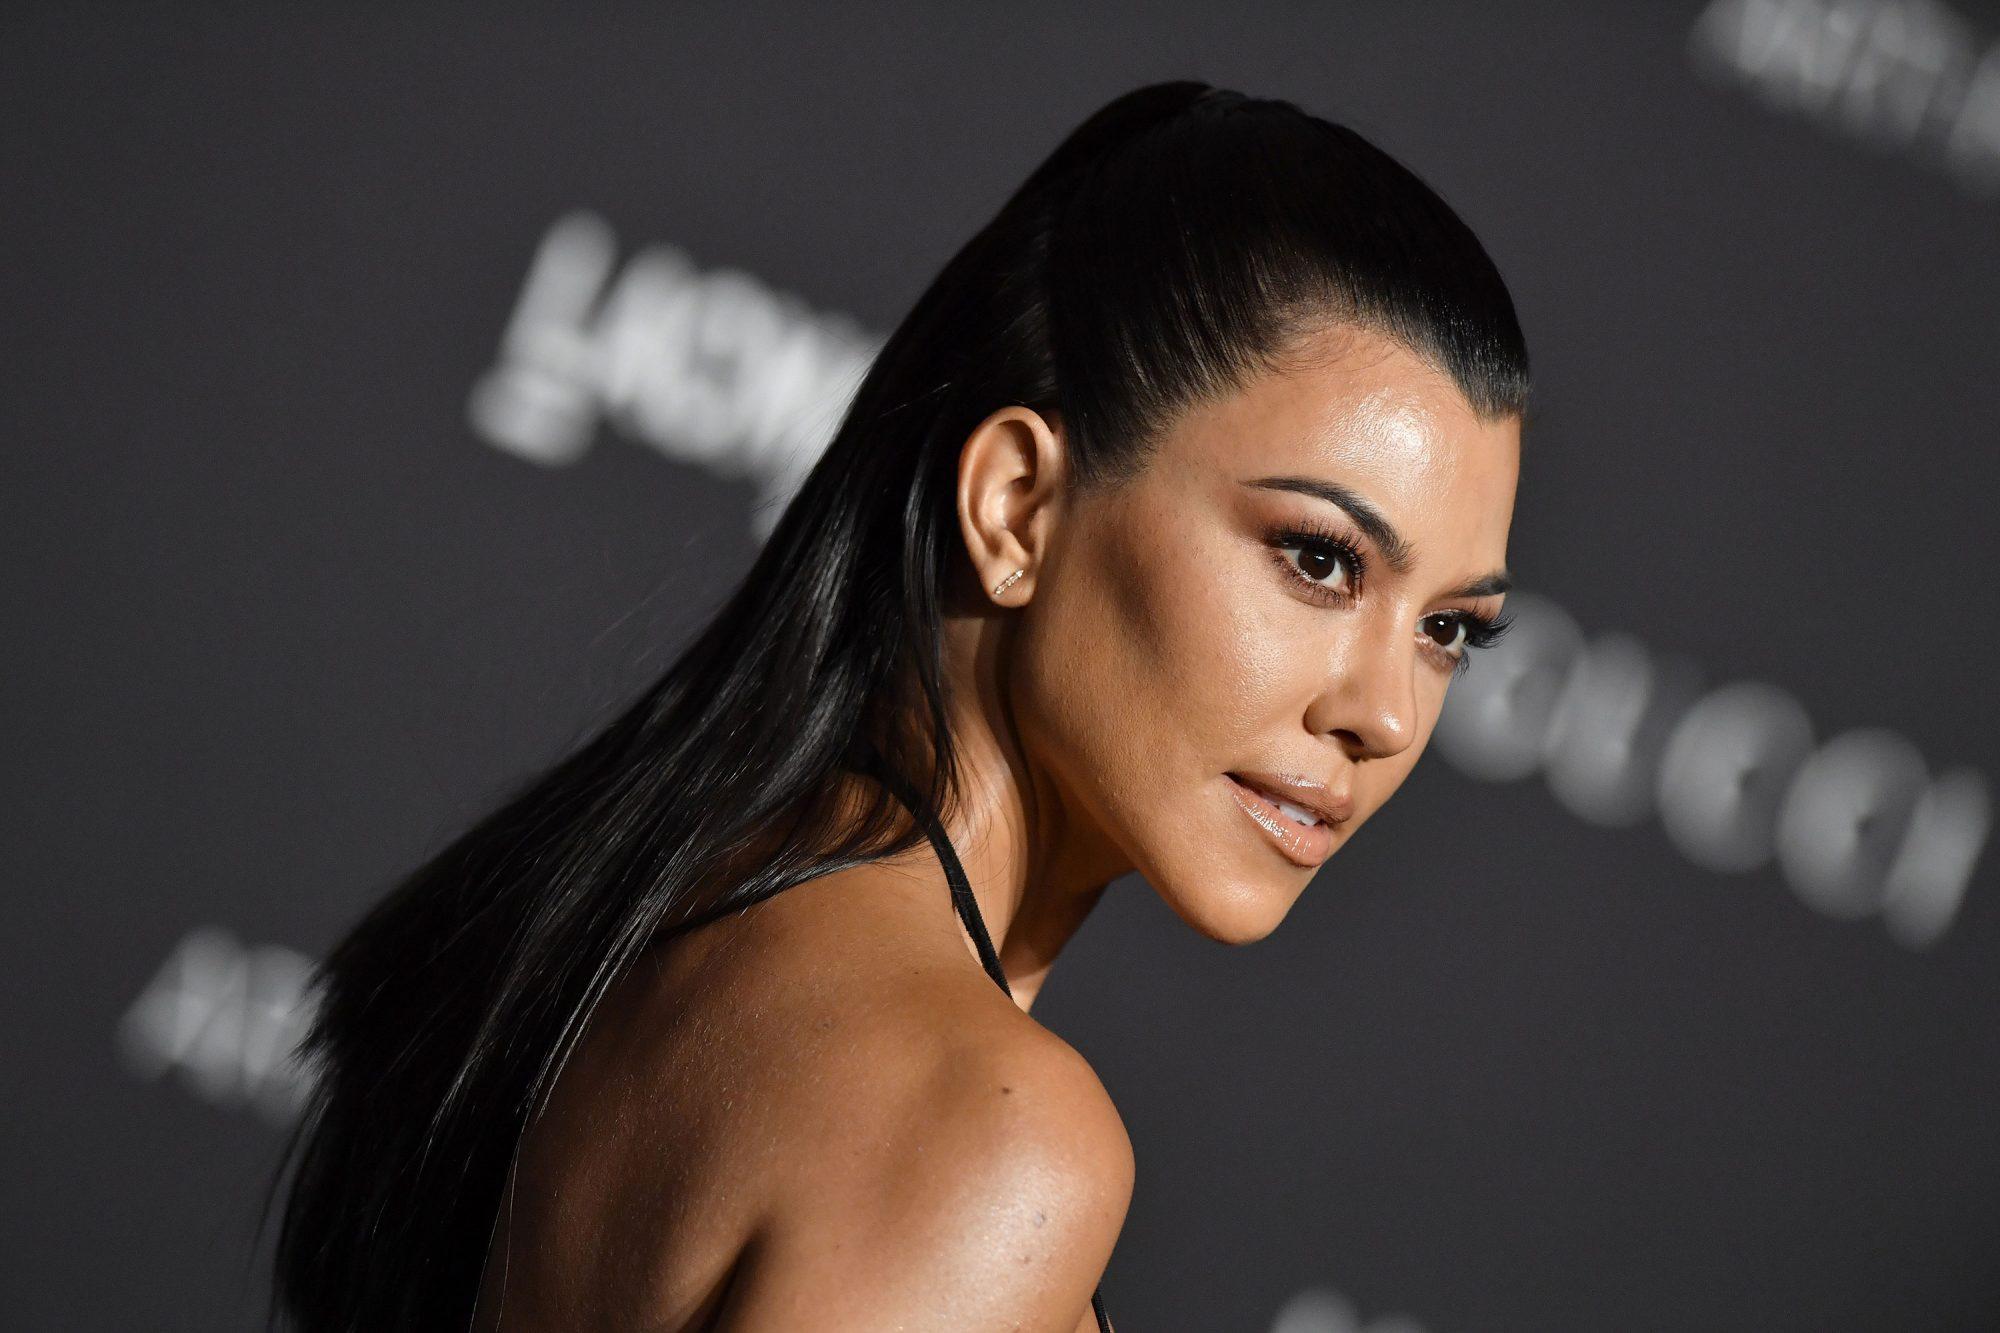 Kourtney Kardashian Net Worth 2020, Bio, Career, Family